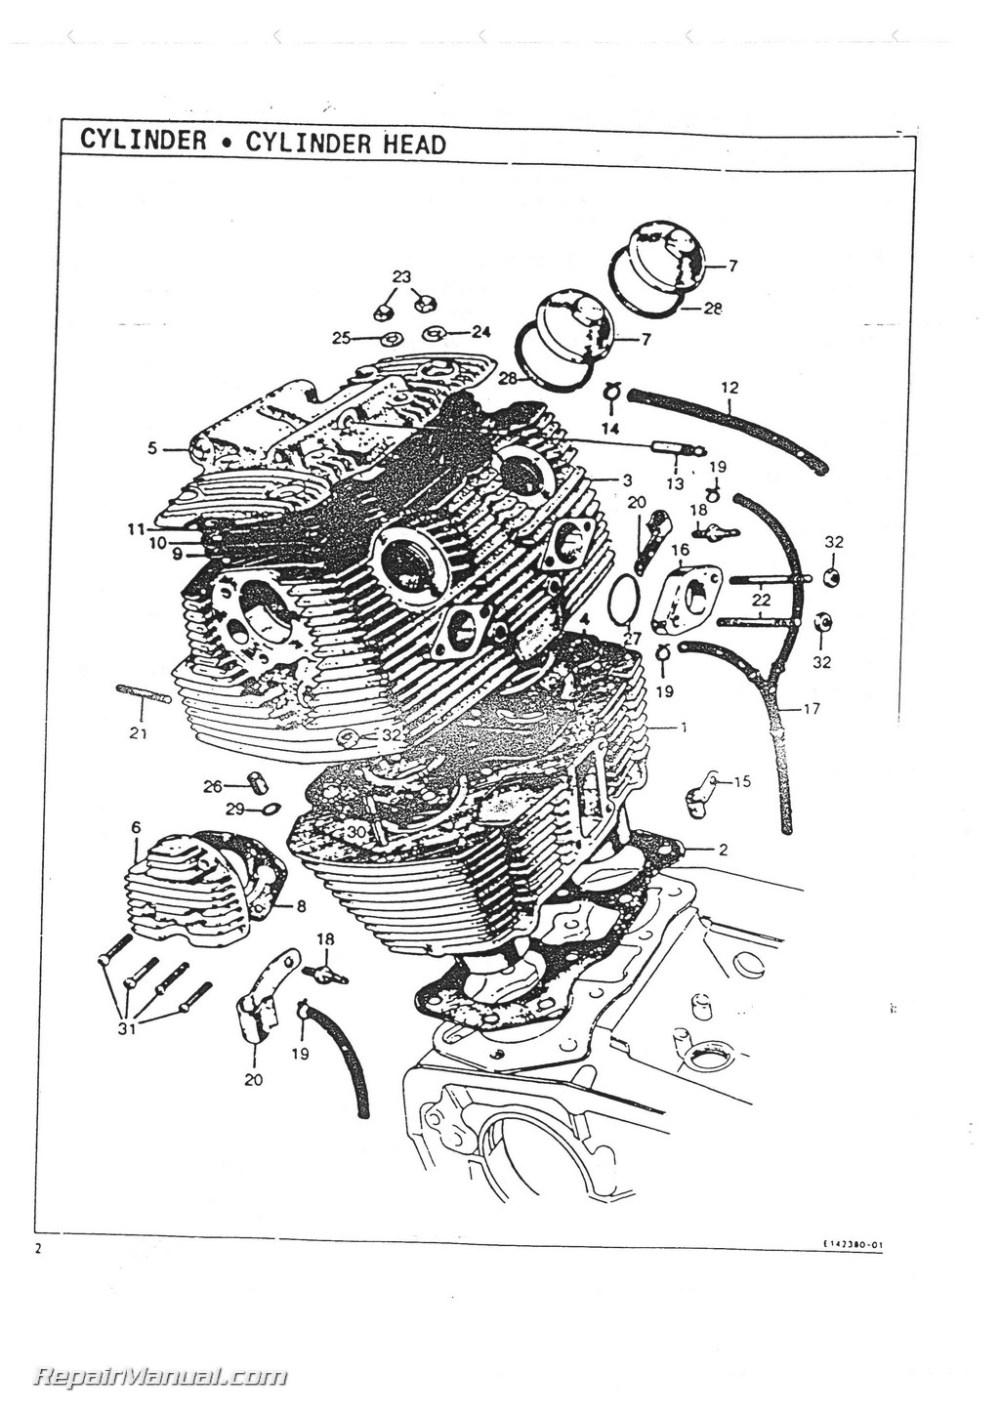 medium resolution of honda cl72 wiring diagram wiring library rh 43 codingcommunity de honda cl72 wiring diagram honda ca175